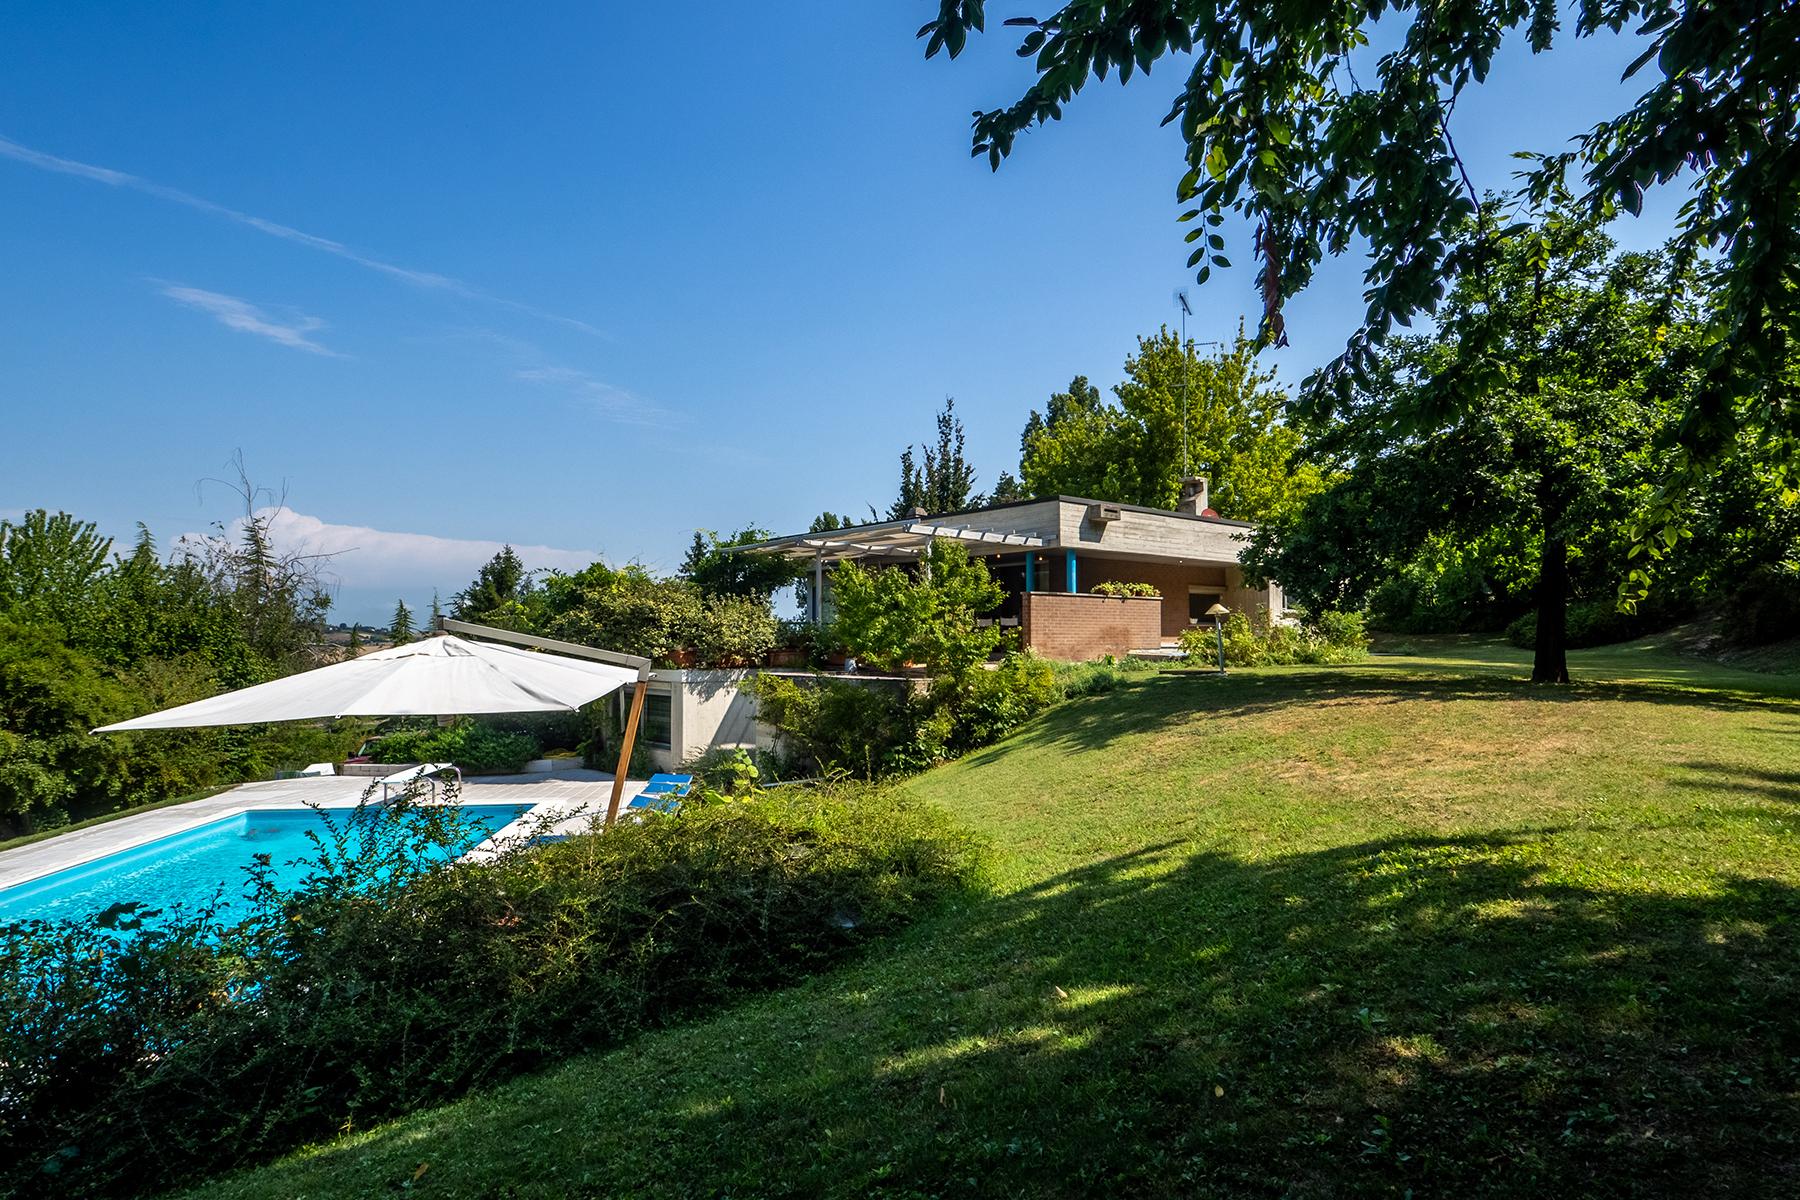 Casa indipendente in Vendita a Rosignano Monferrato: 5 locali, 290 mq - Foto 1